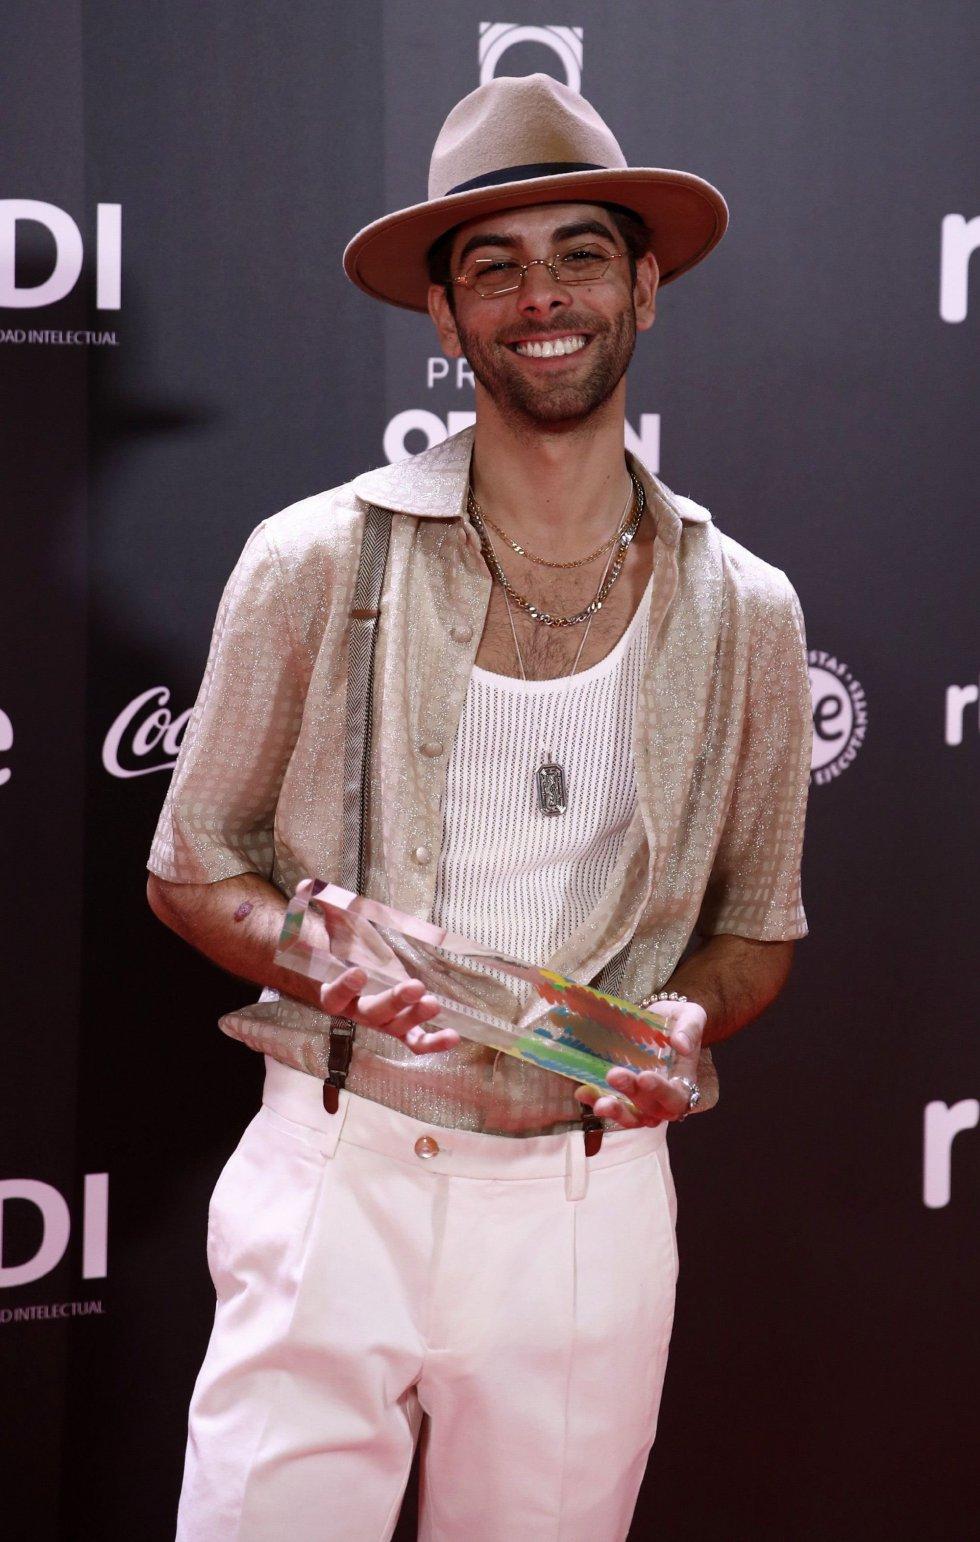 El cantante Don Patricio tras recibir el premio a la mejor canción por 'Contando Lunares'